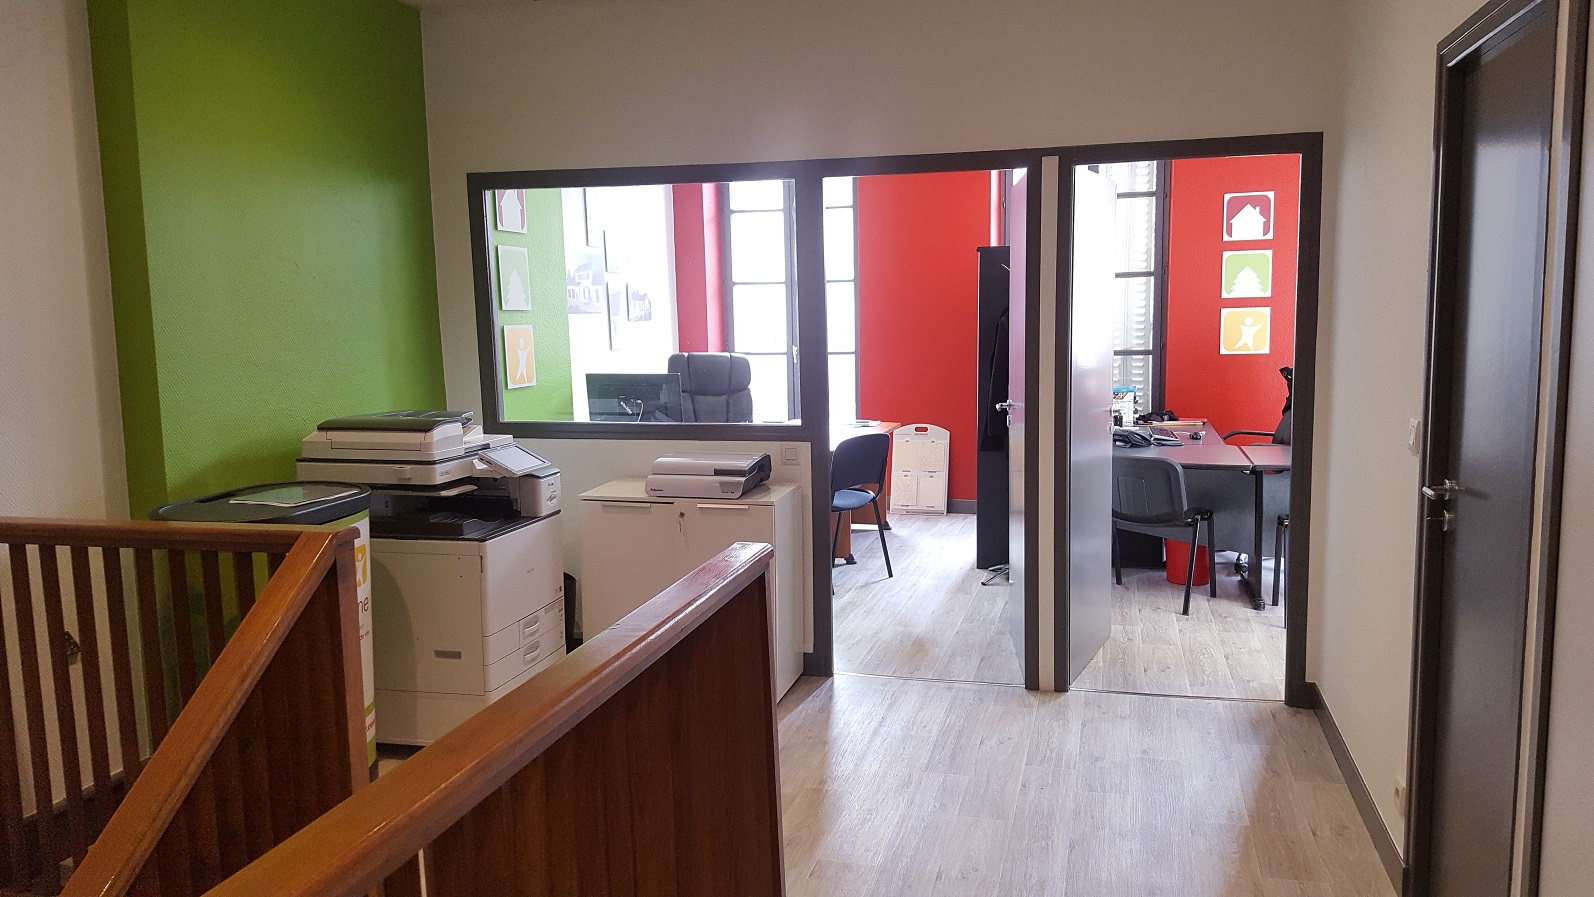 Bureau Bourgogne Bâtir Chalon sur Saône constructeur de maison individuelle en Saône et Loire